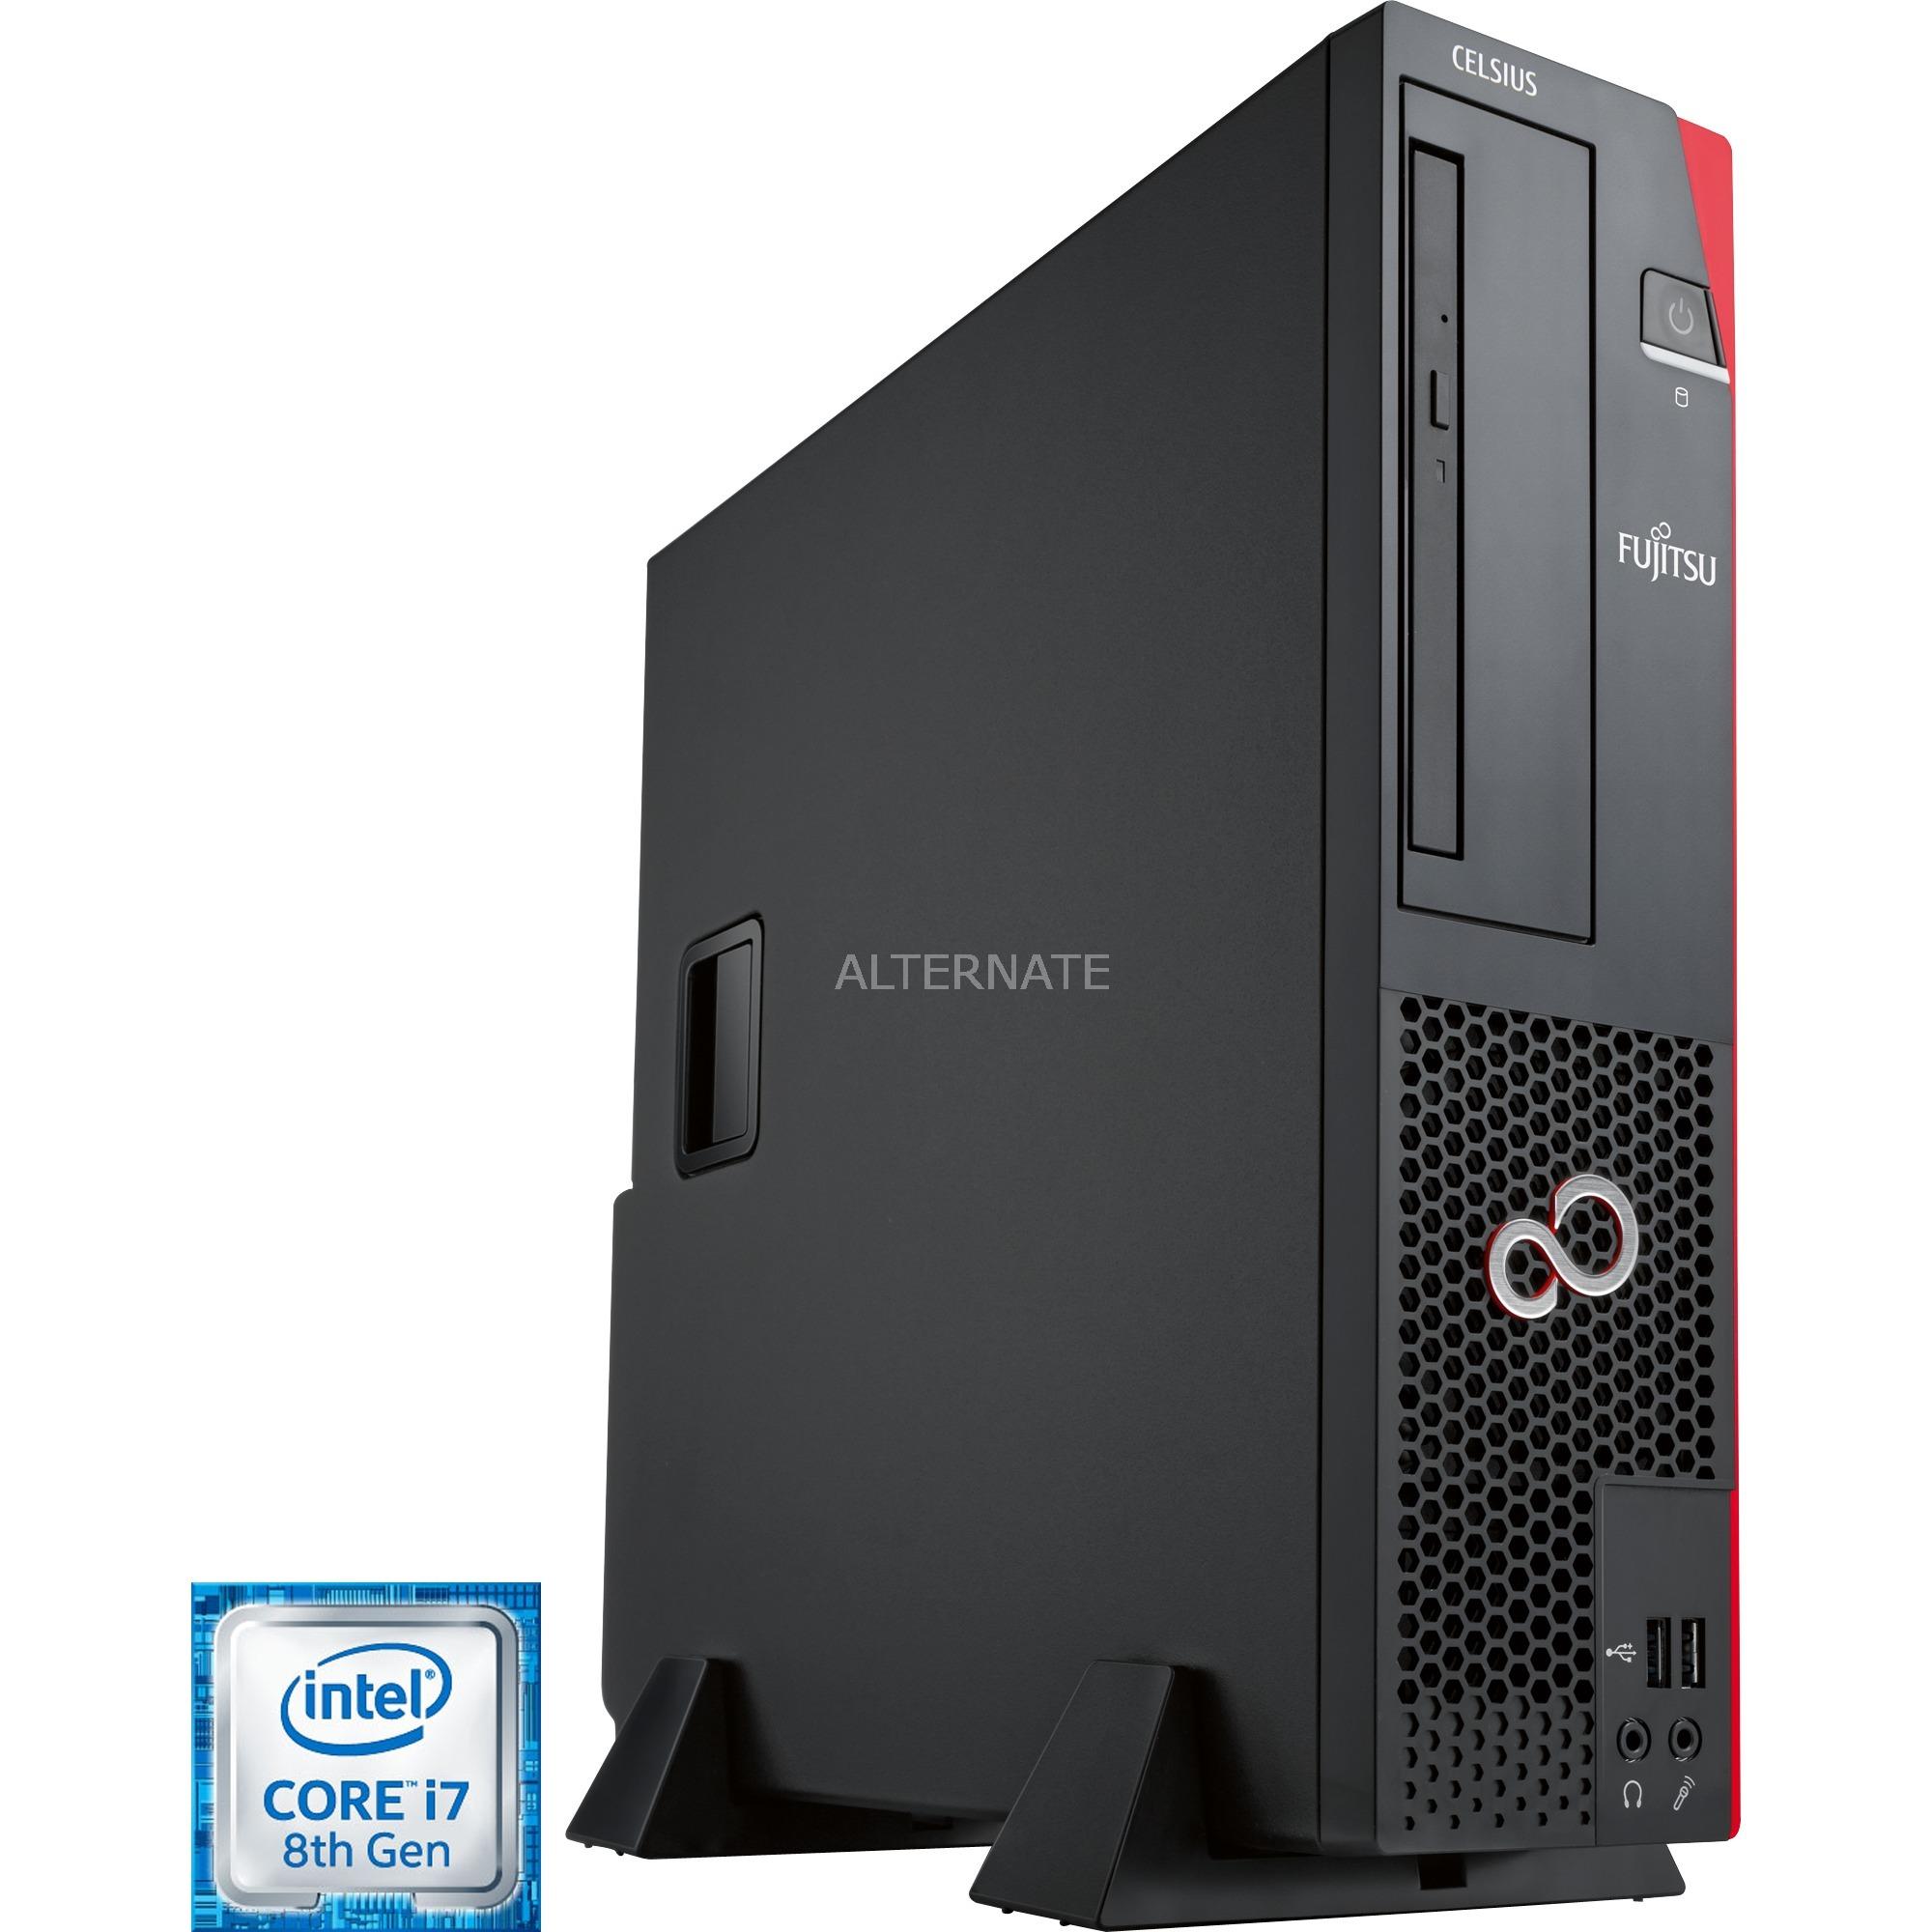 CELSIUS J580 3,2 GHz 8ª generación de procesadores Intel Core i7 i7-8700 Negro SFF Puesto de trabajo, PC completo